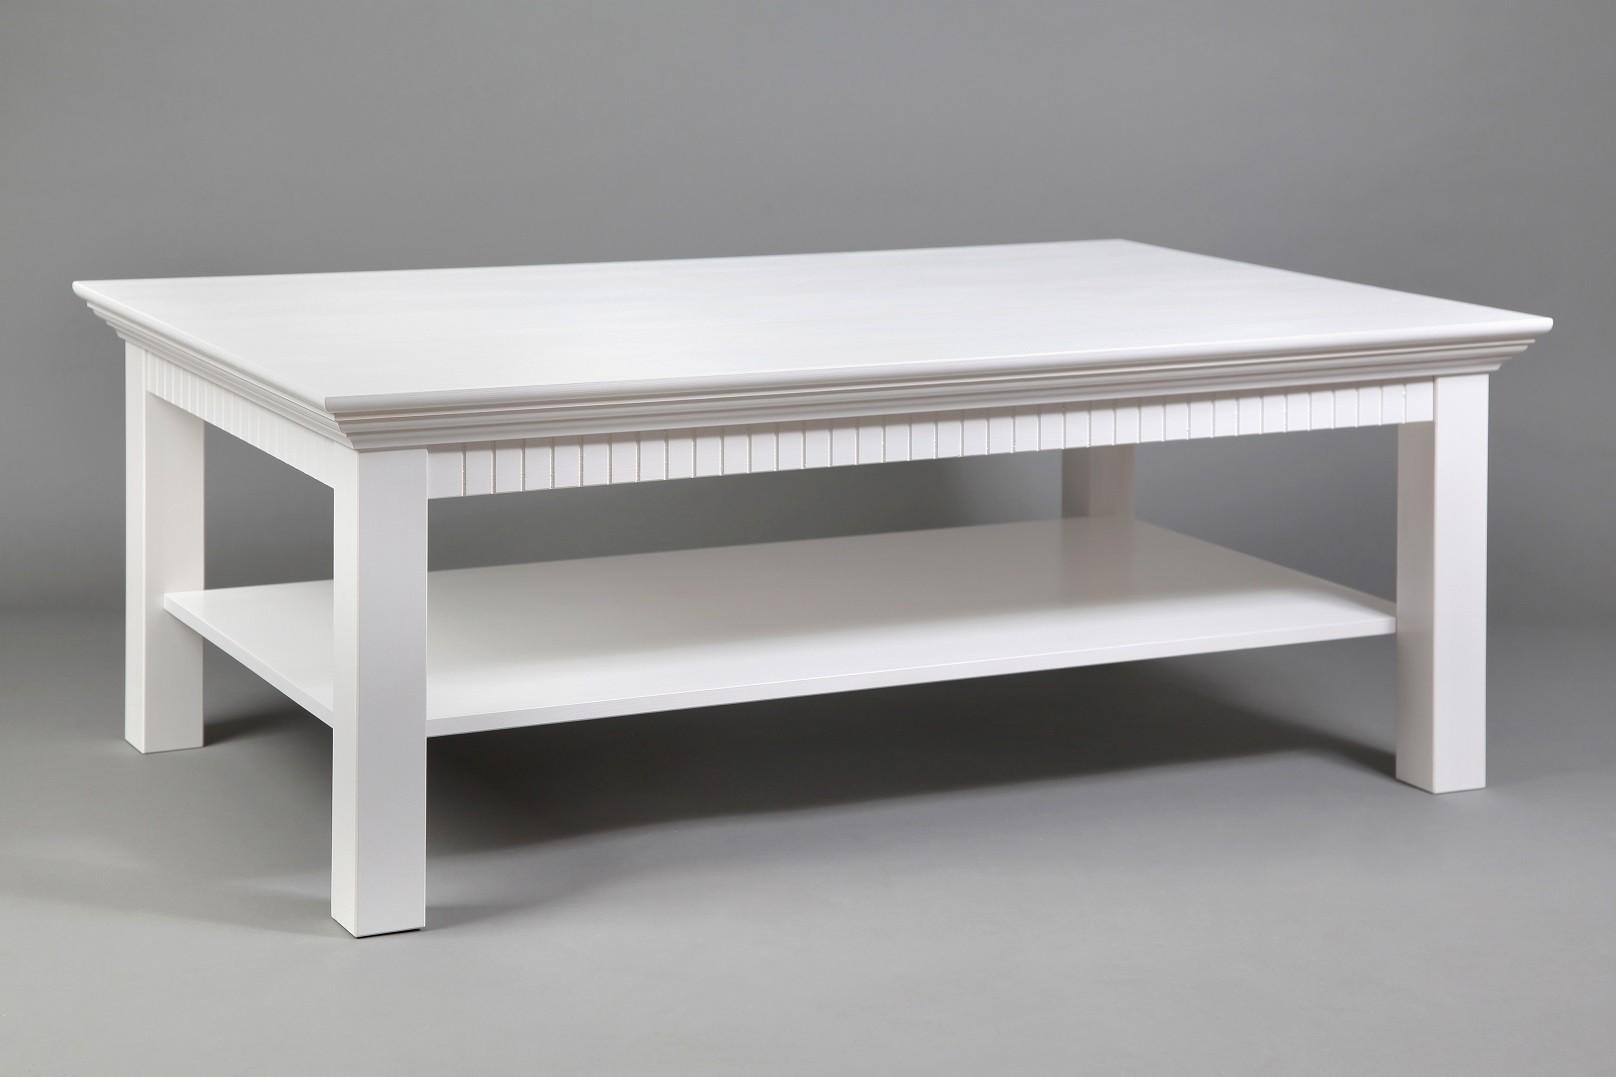 Couchtisch weiß 120x76cm